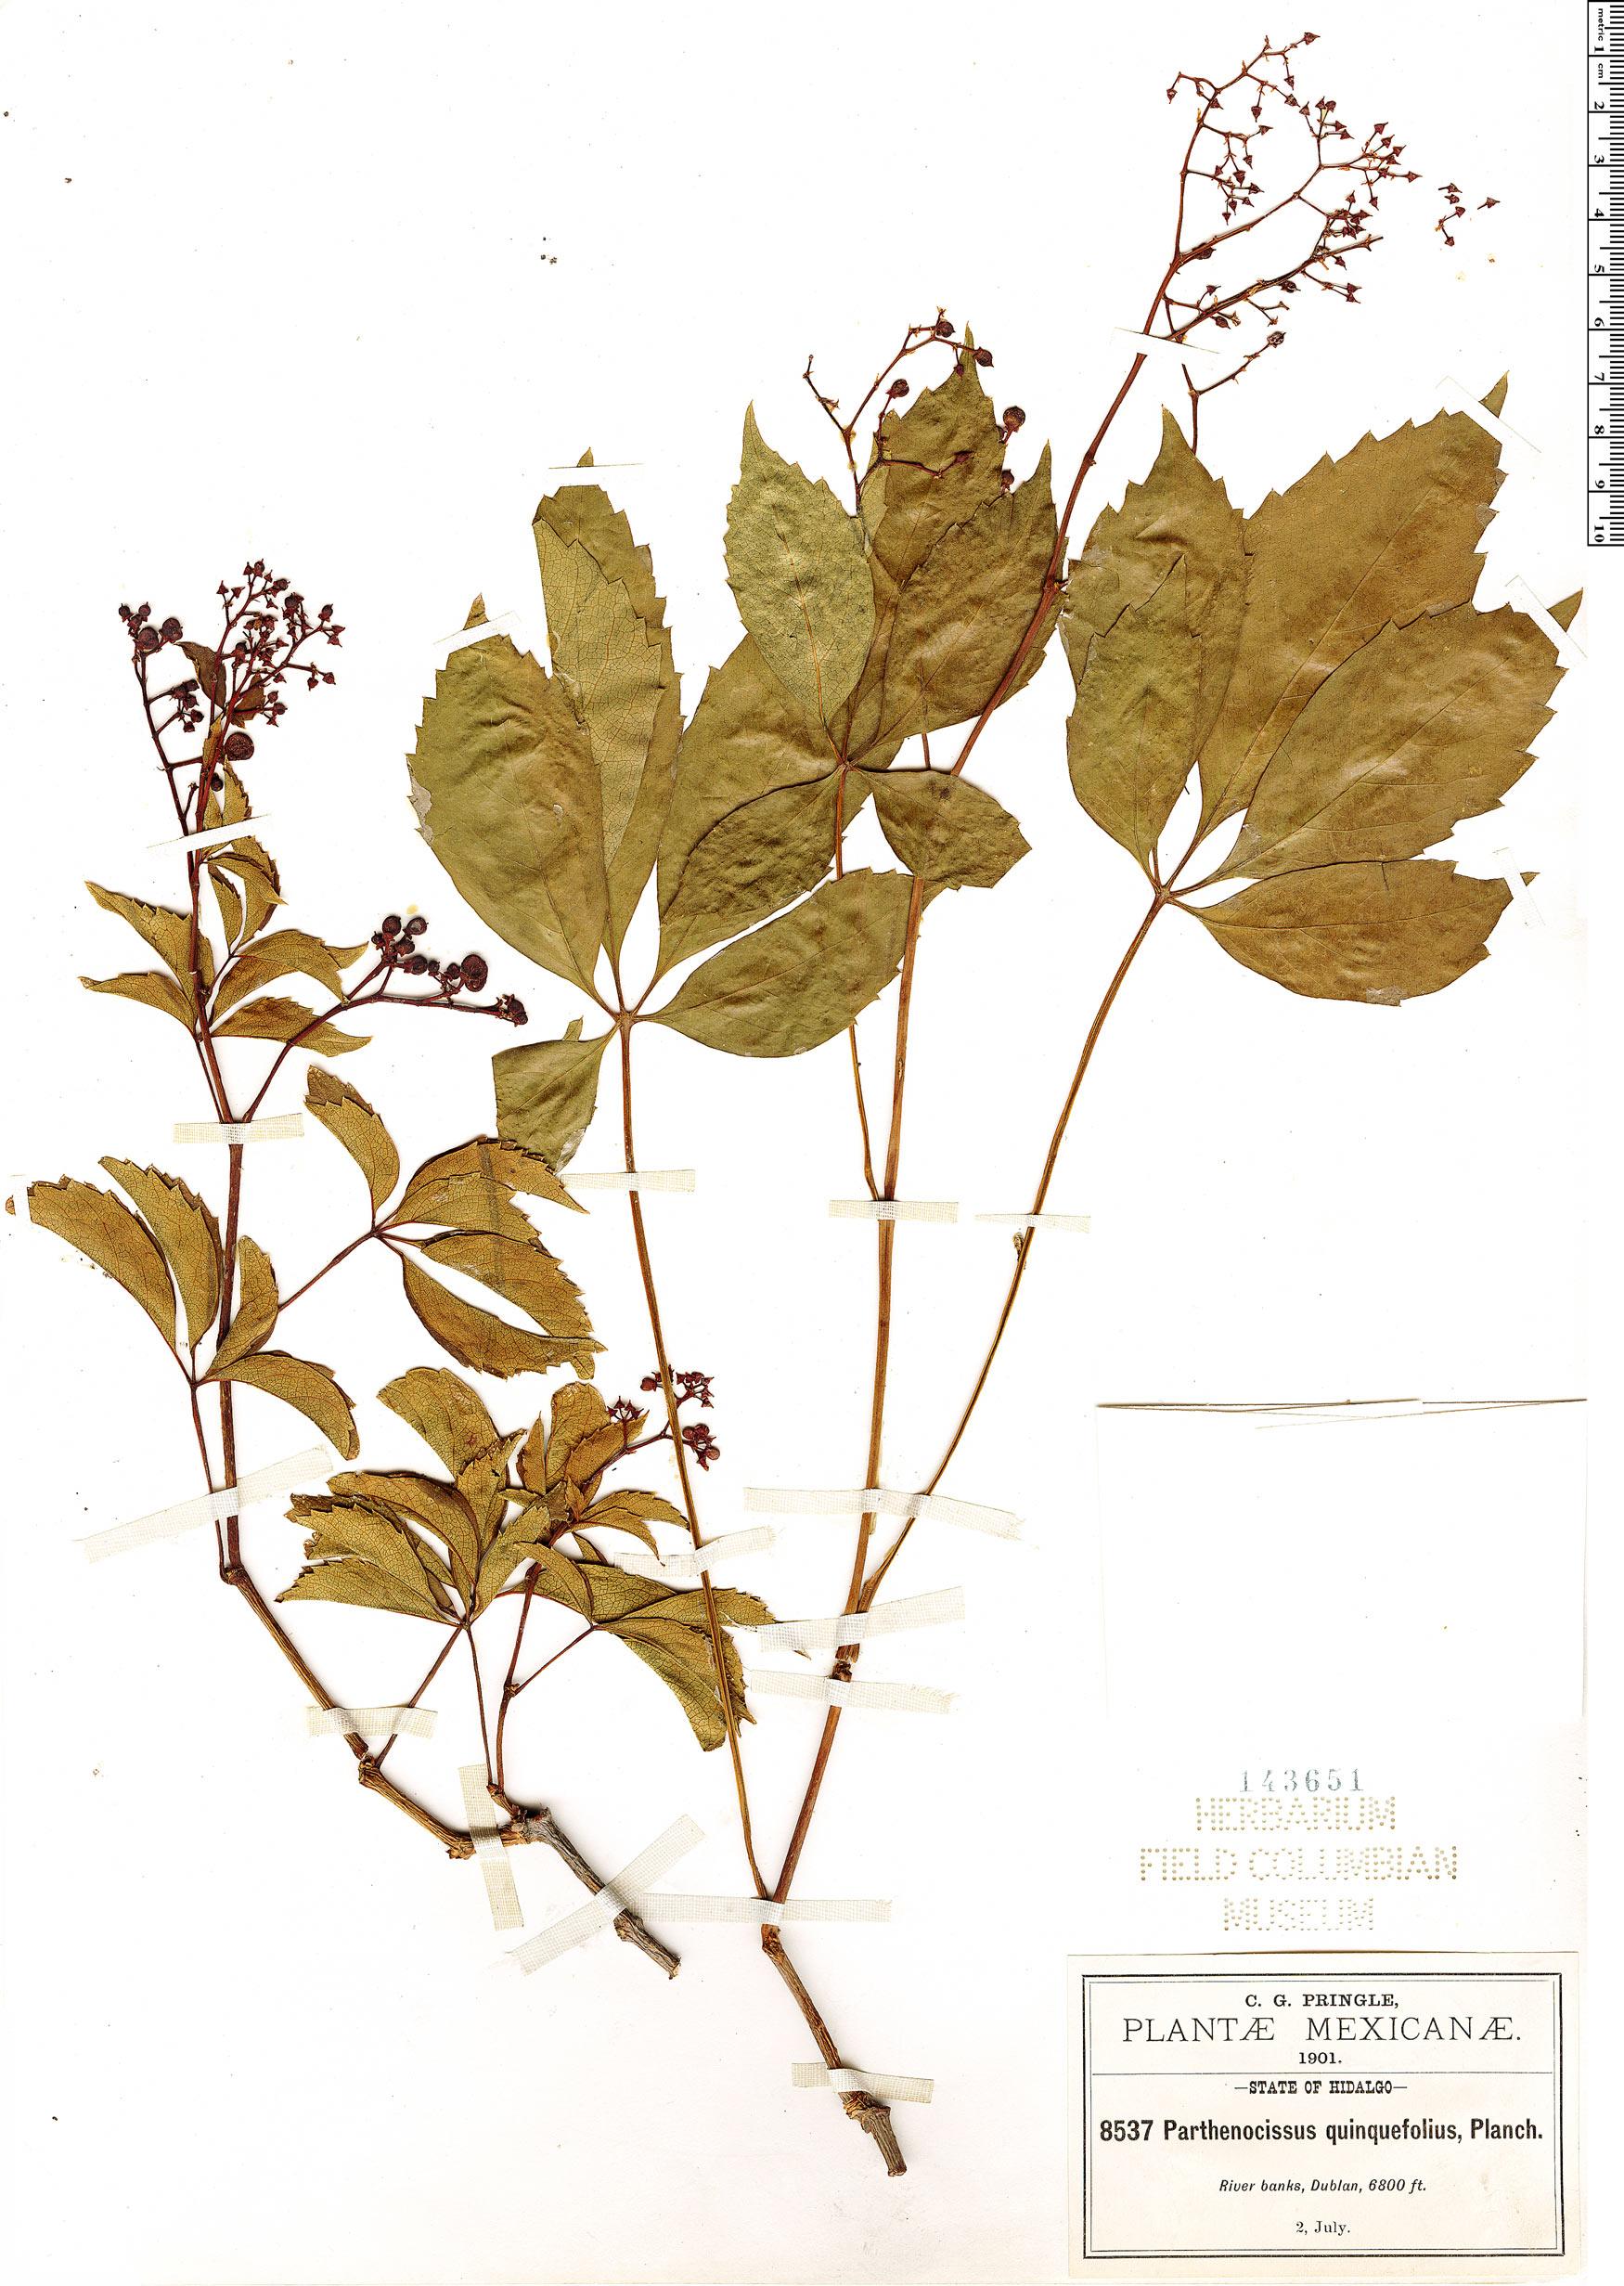 Specimen: Parthenocissus quinquefolia